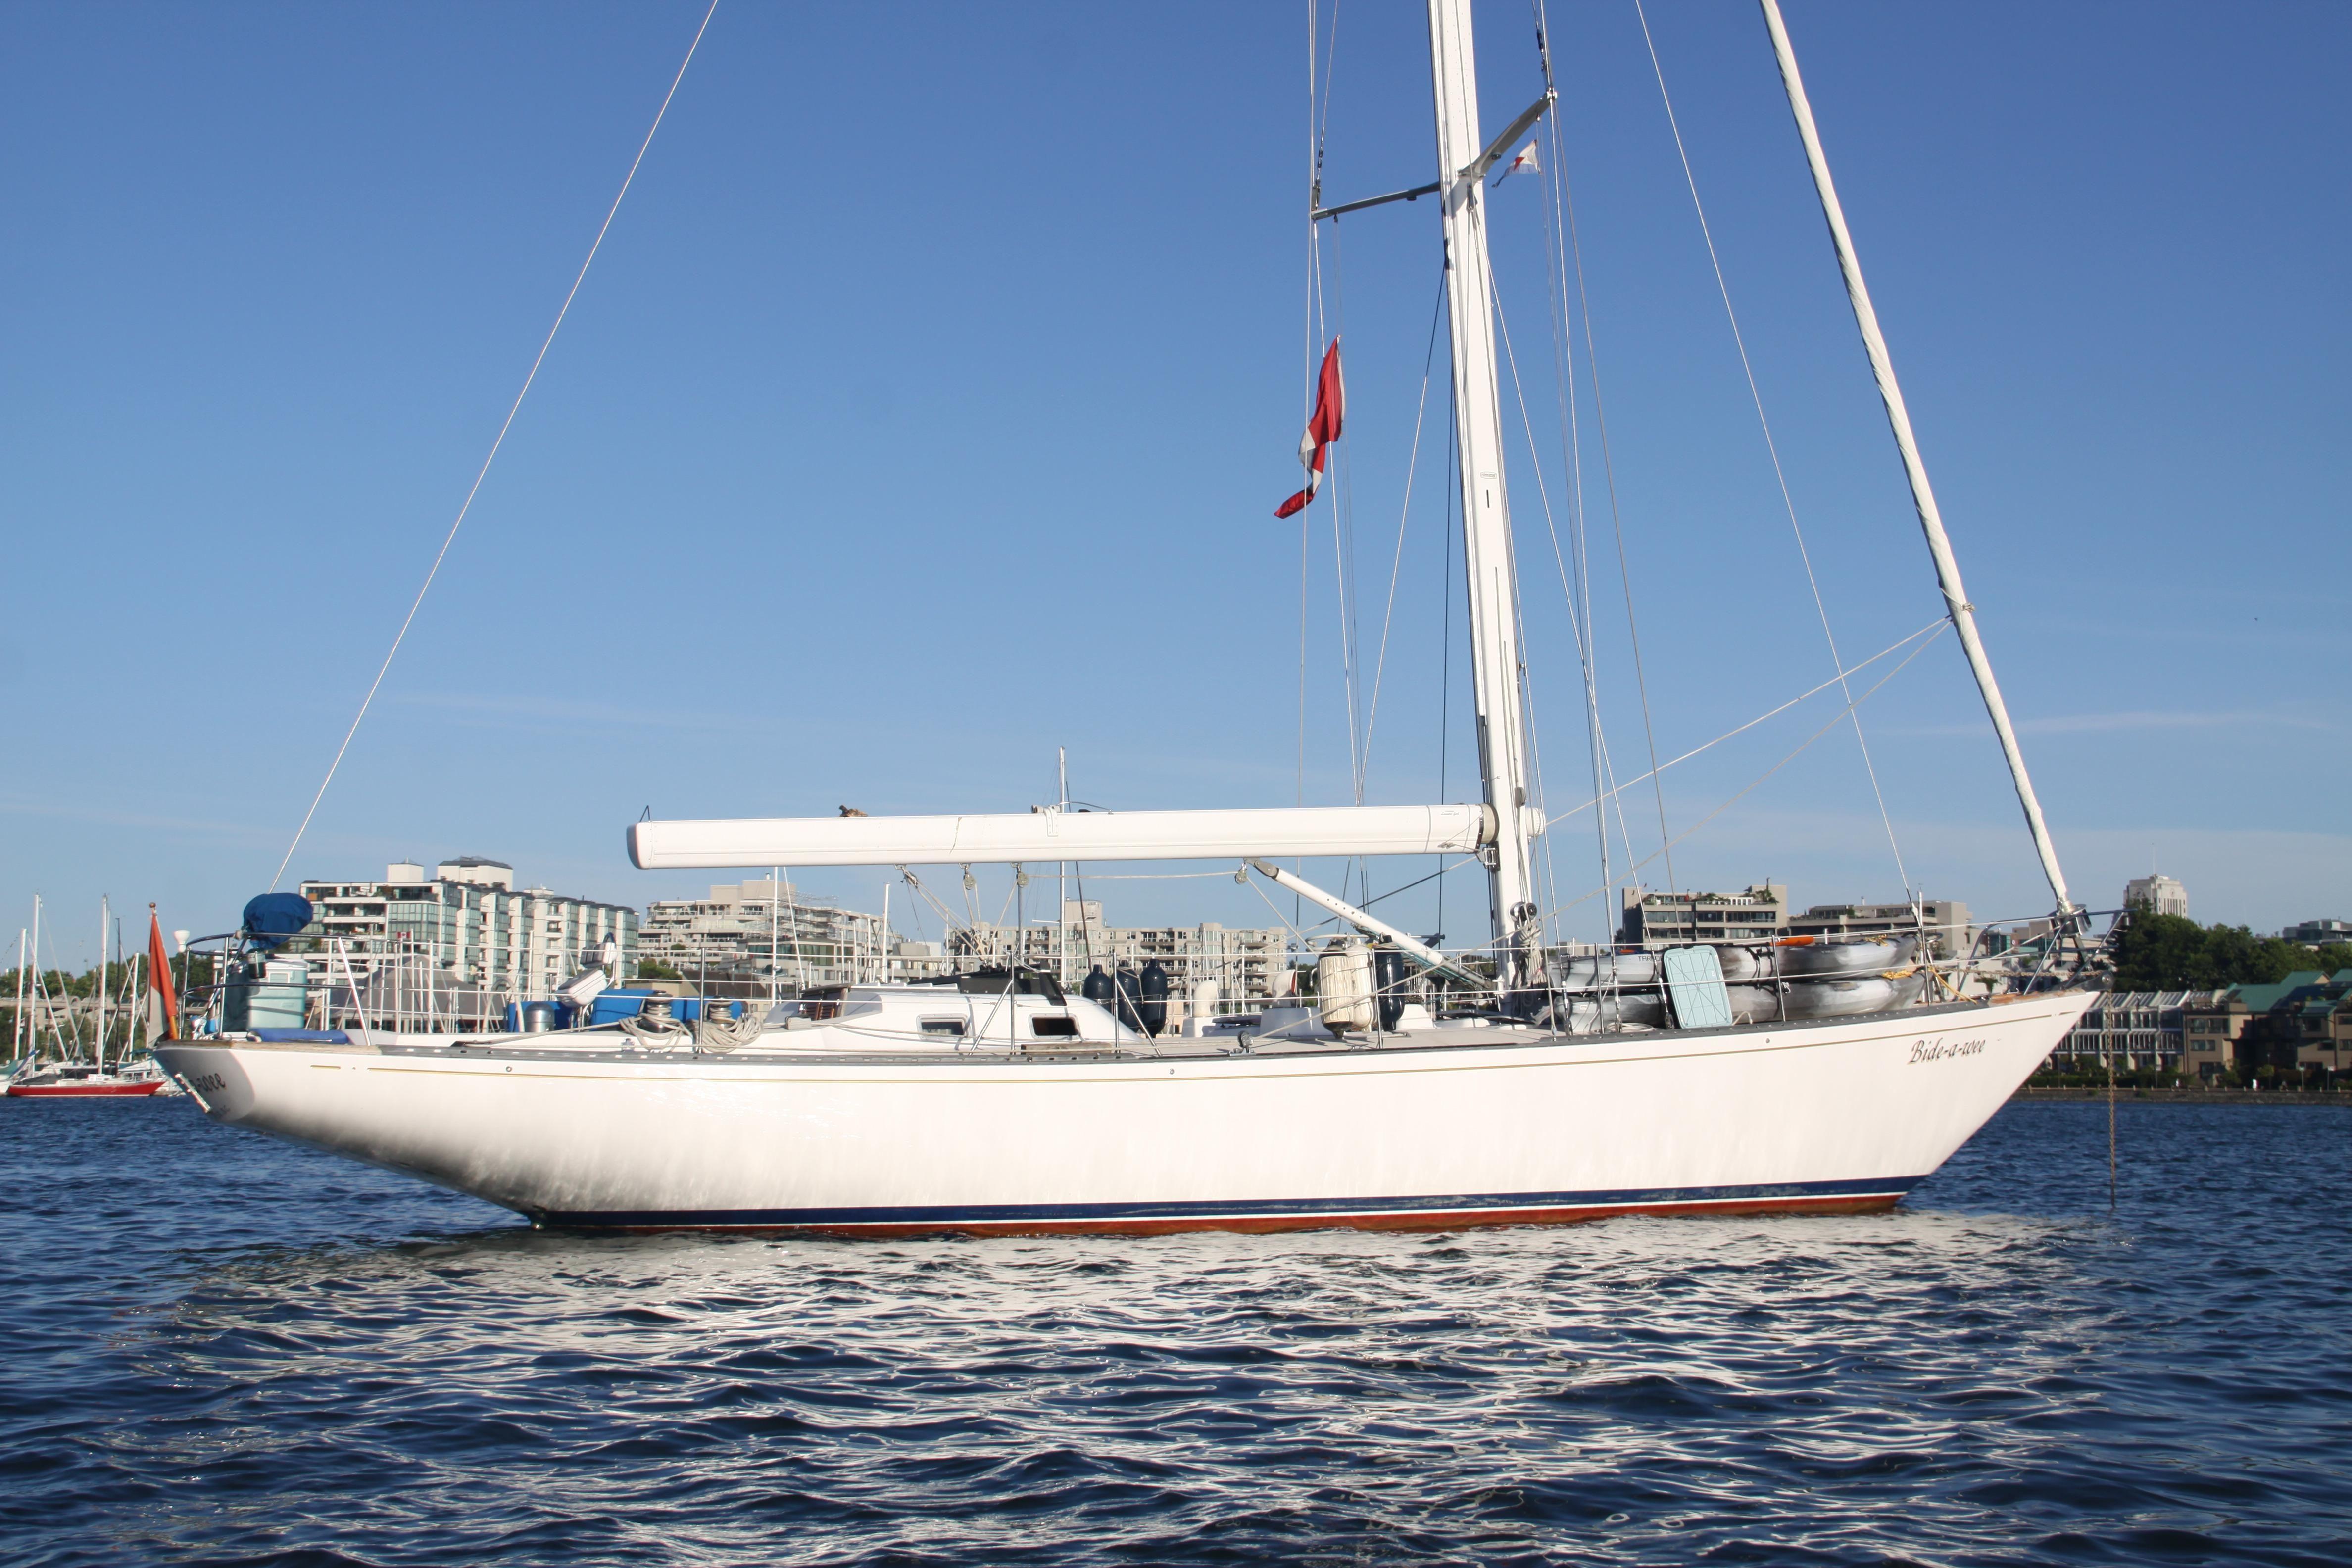 1972 Islander Sail Boat For Sale - www.yachtworld.com